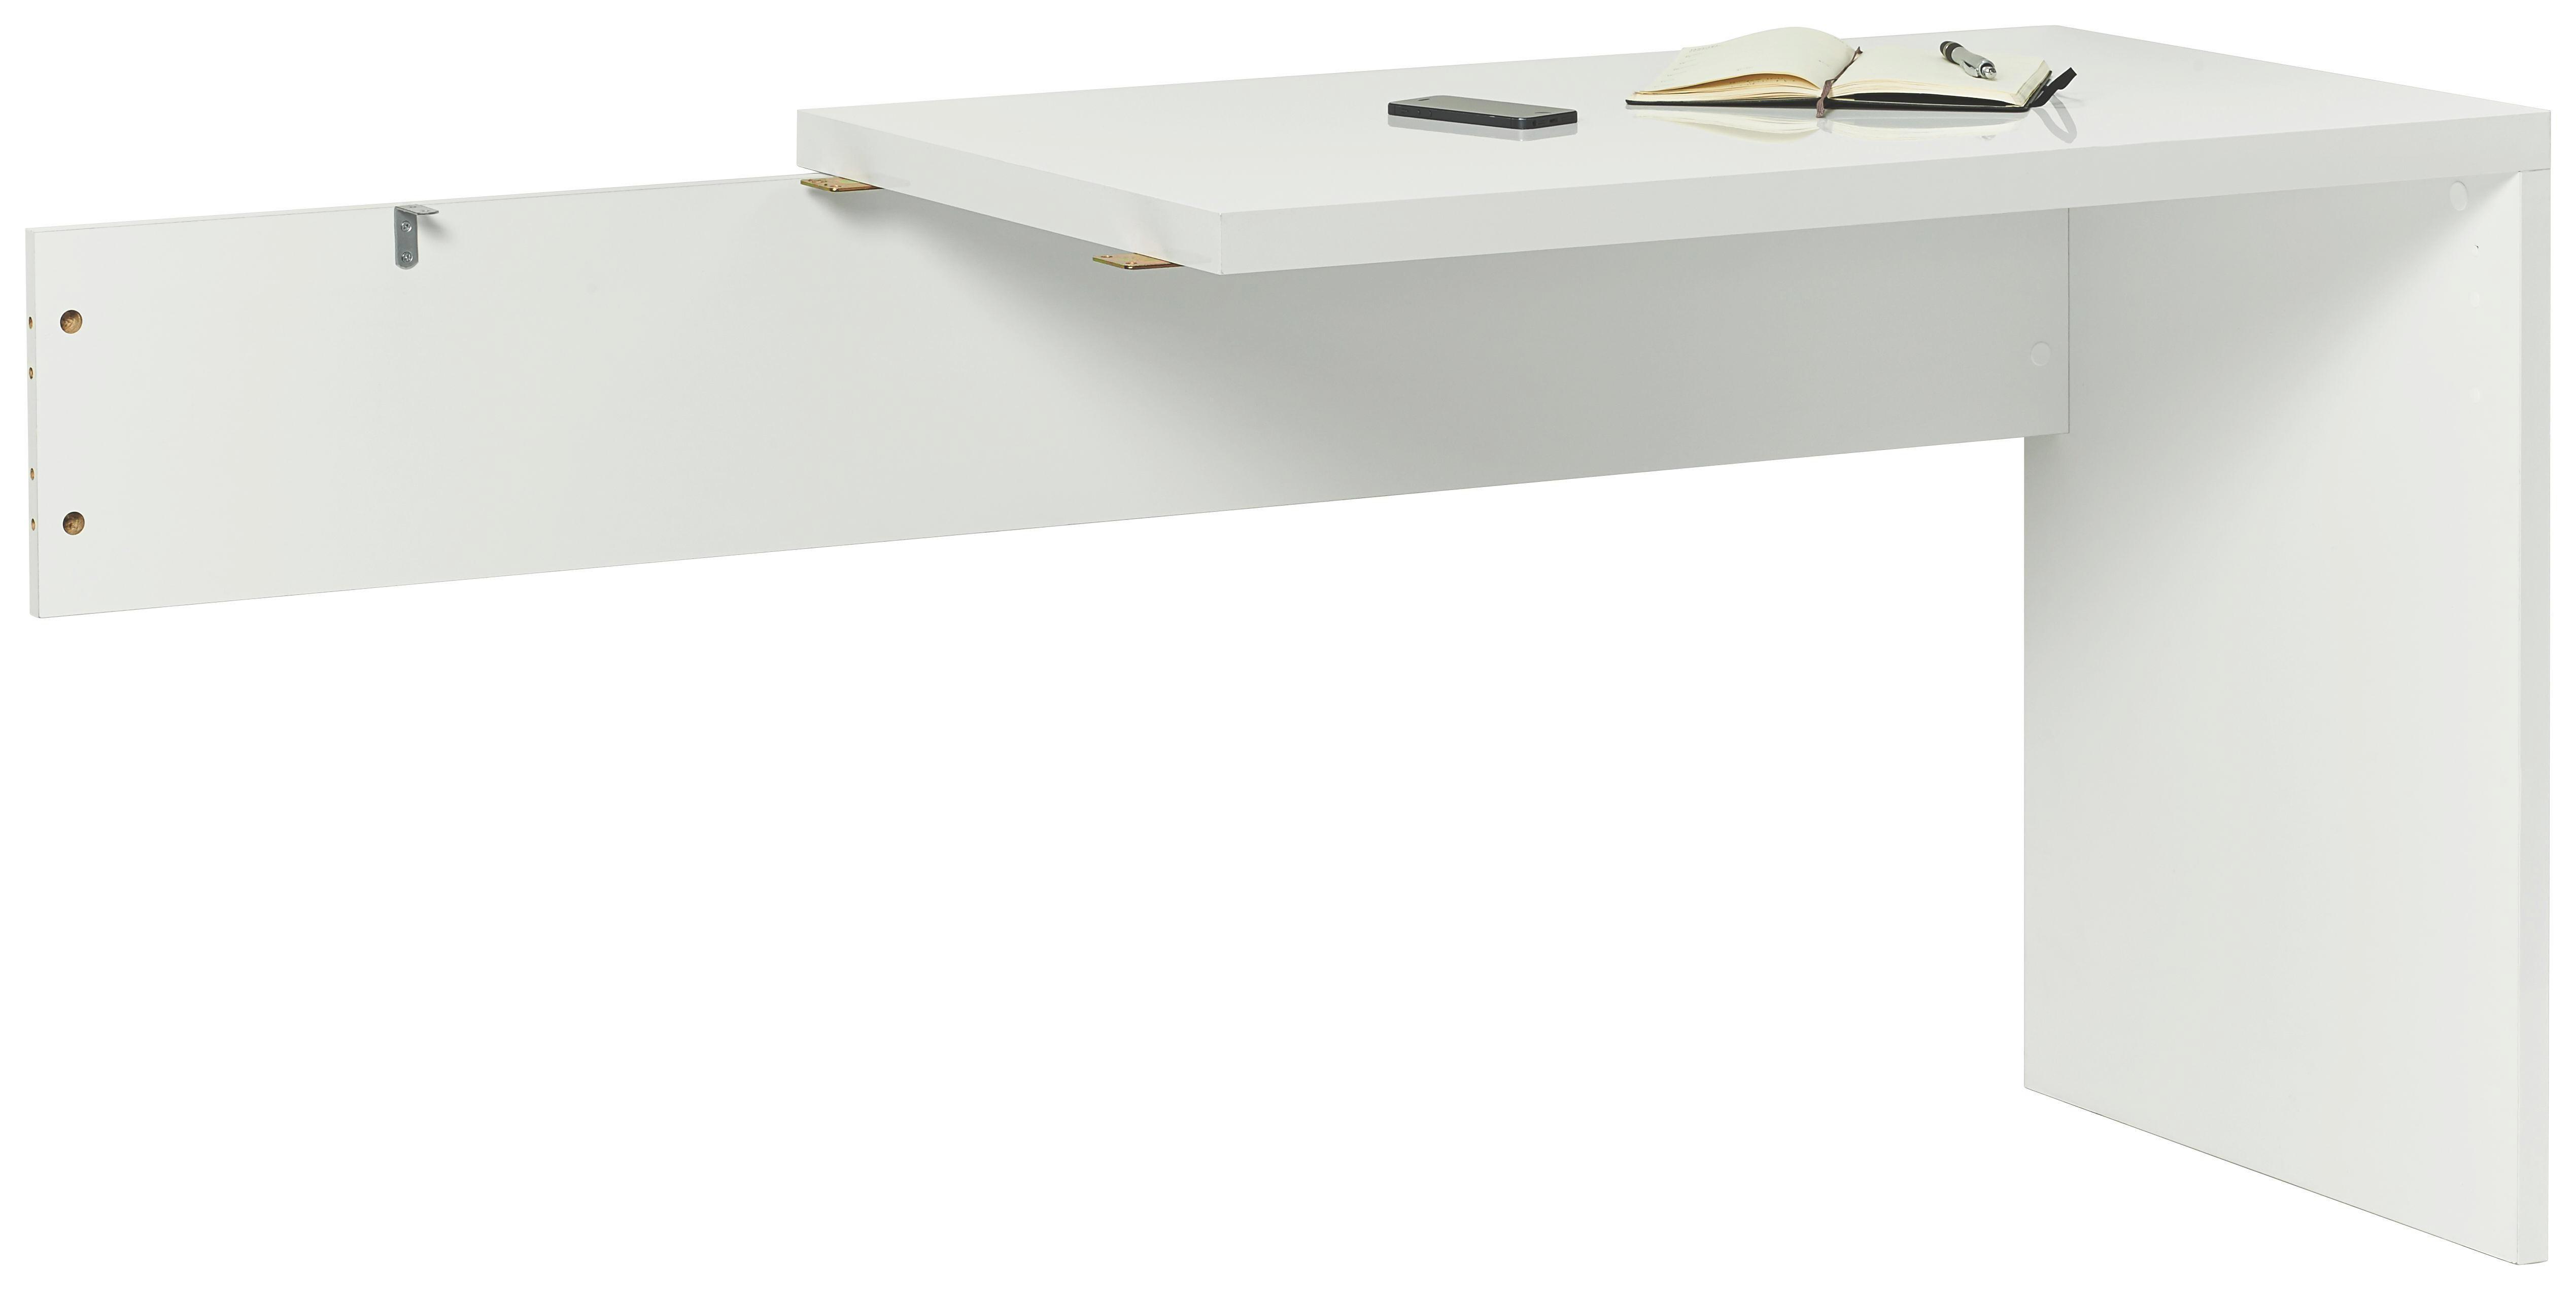 DESKA ROHOVÉHO SPOJE - bílá, Design, dřevěný materiál (100/75/58cm) - CARRYHOME